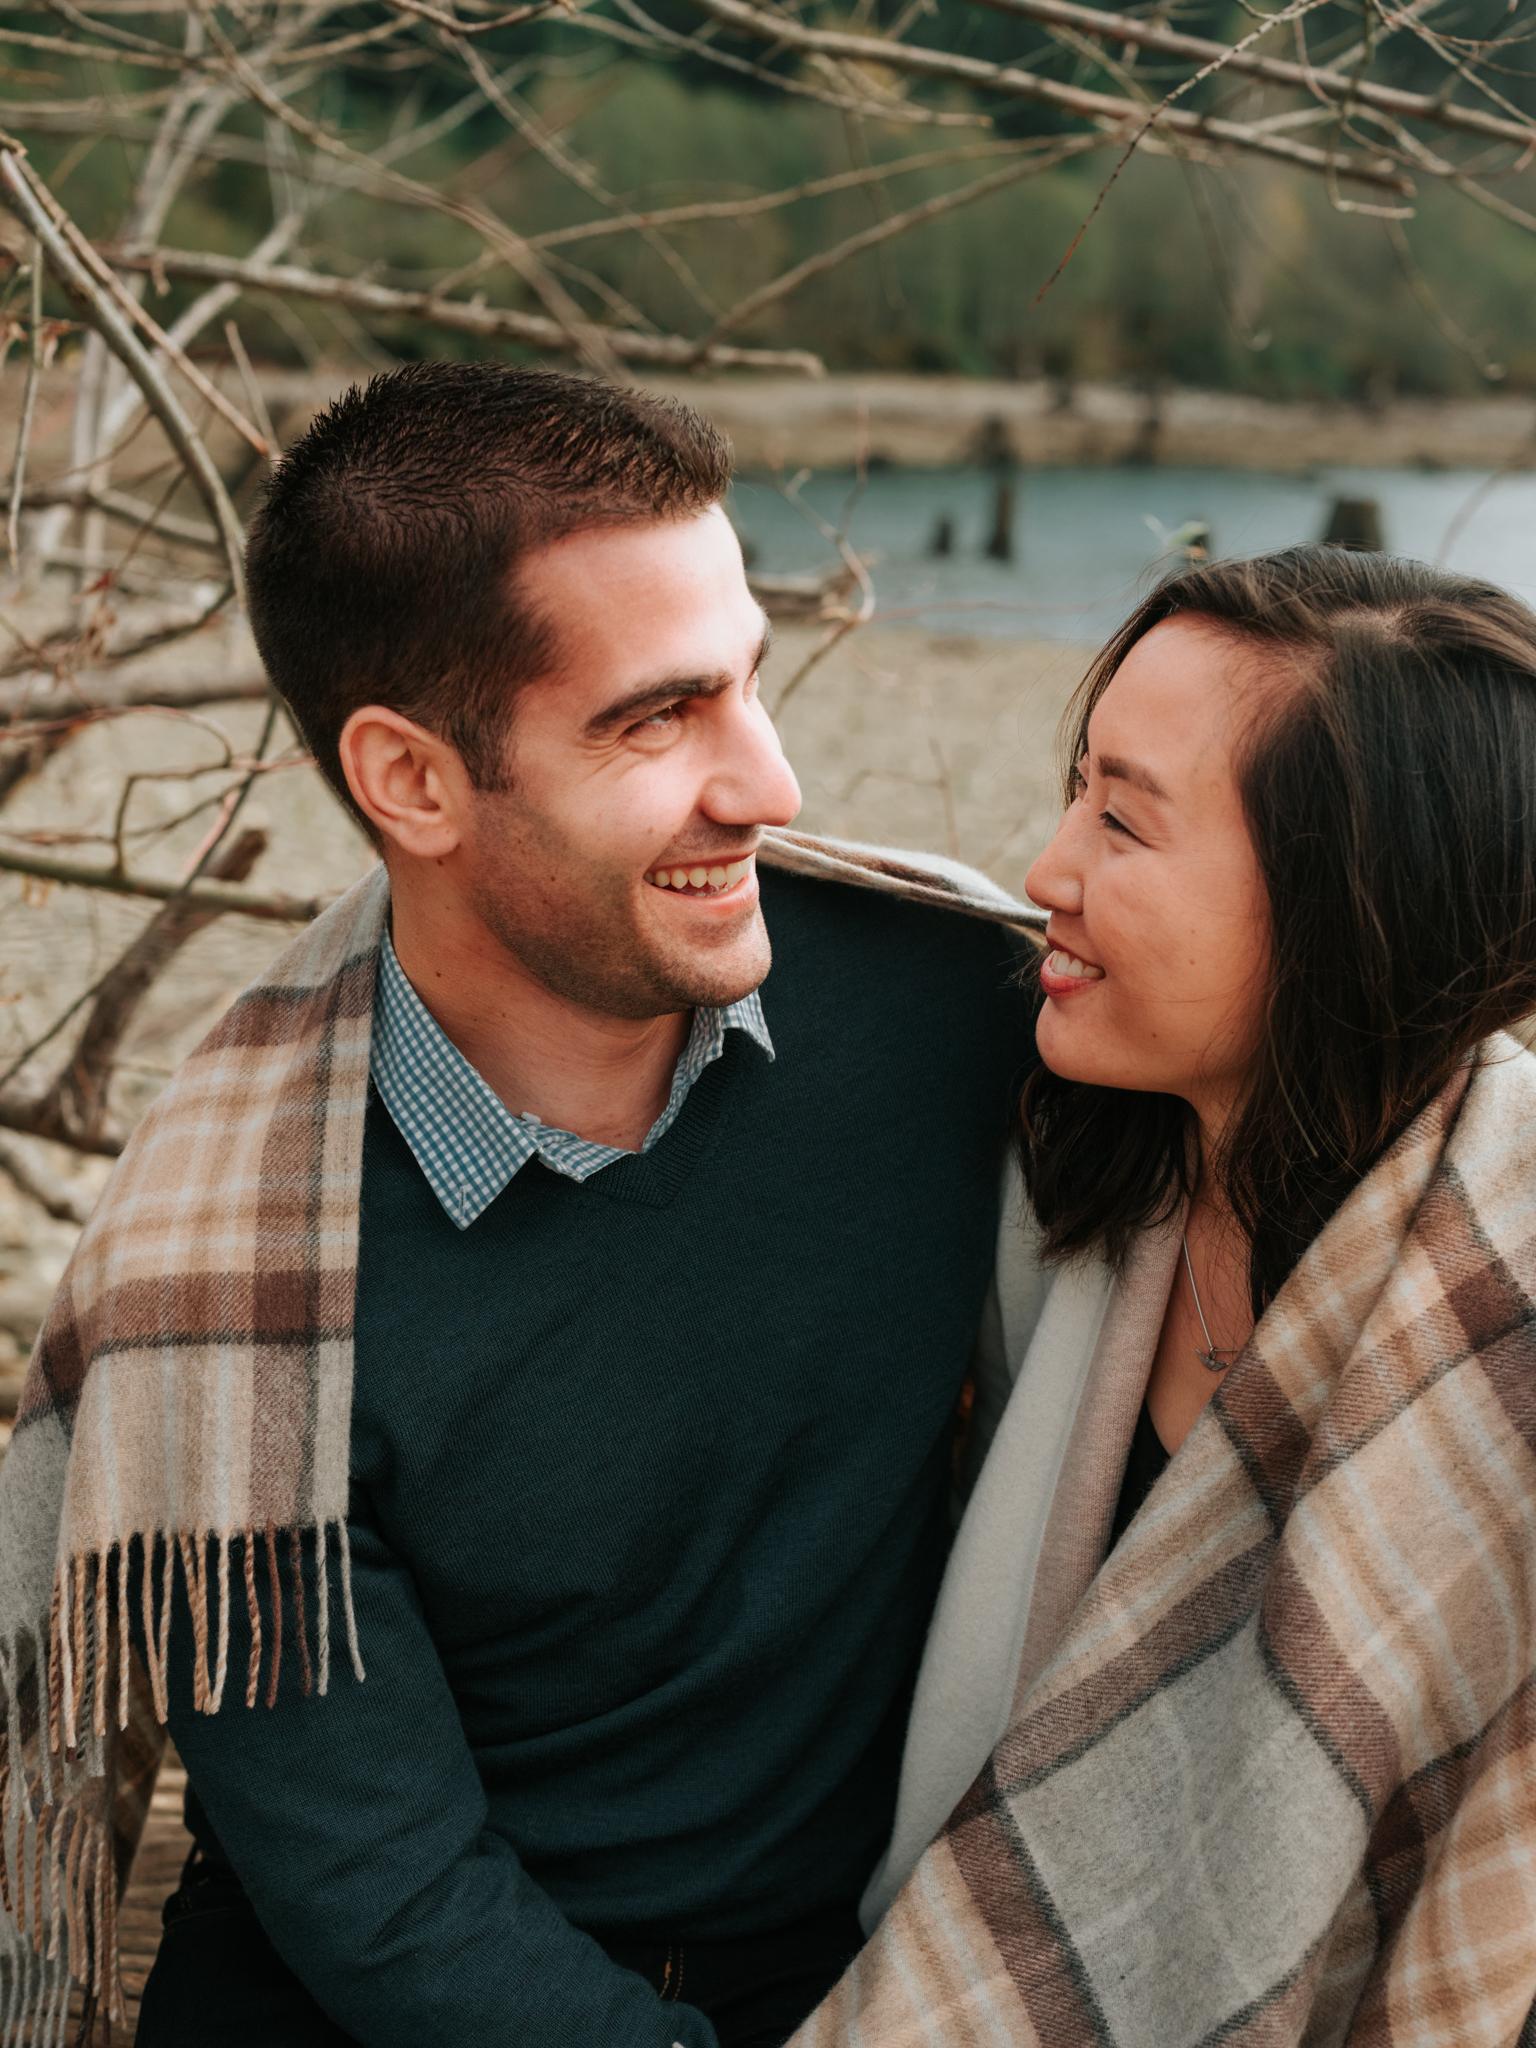 Seattle Engagement Photographer_Stolen Glimpses 30.jpg